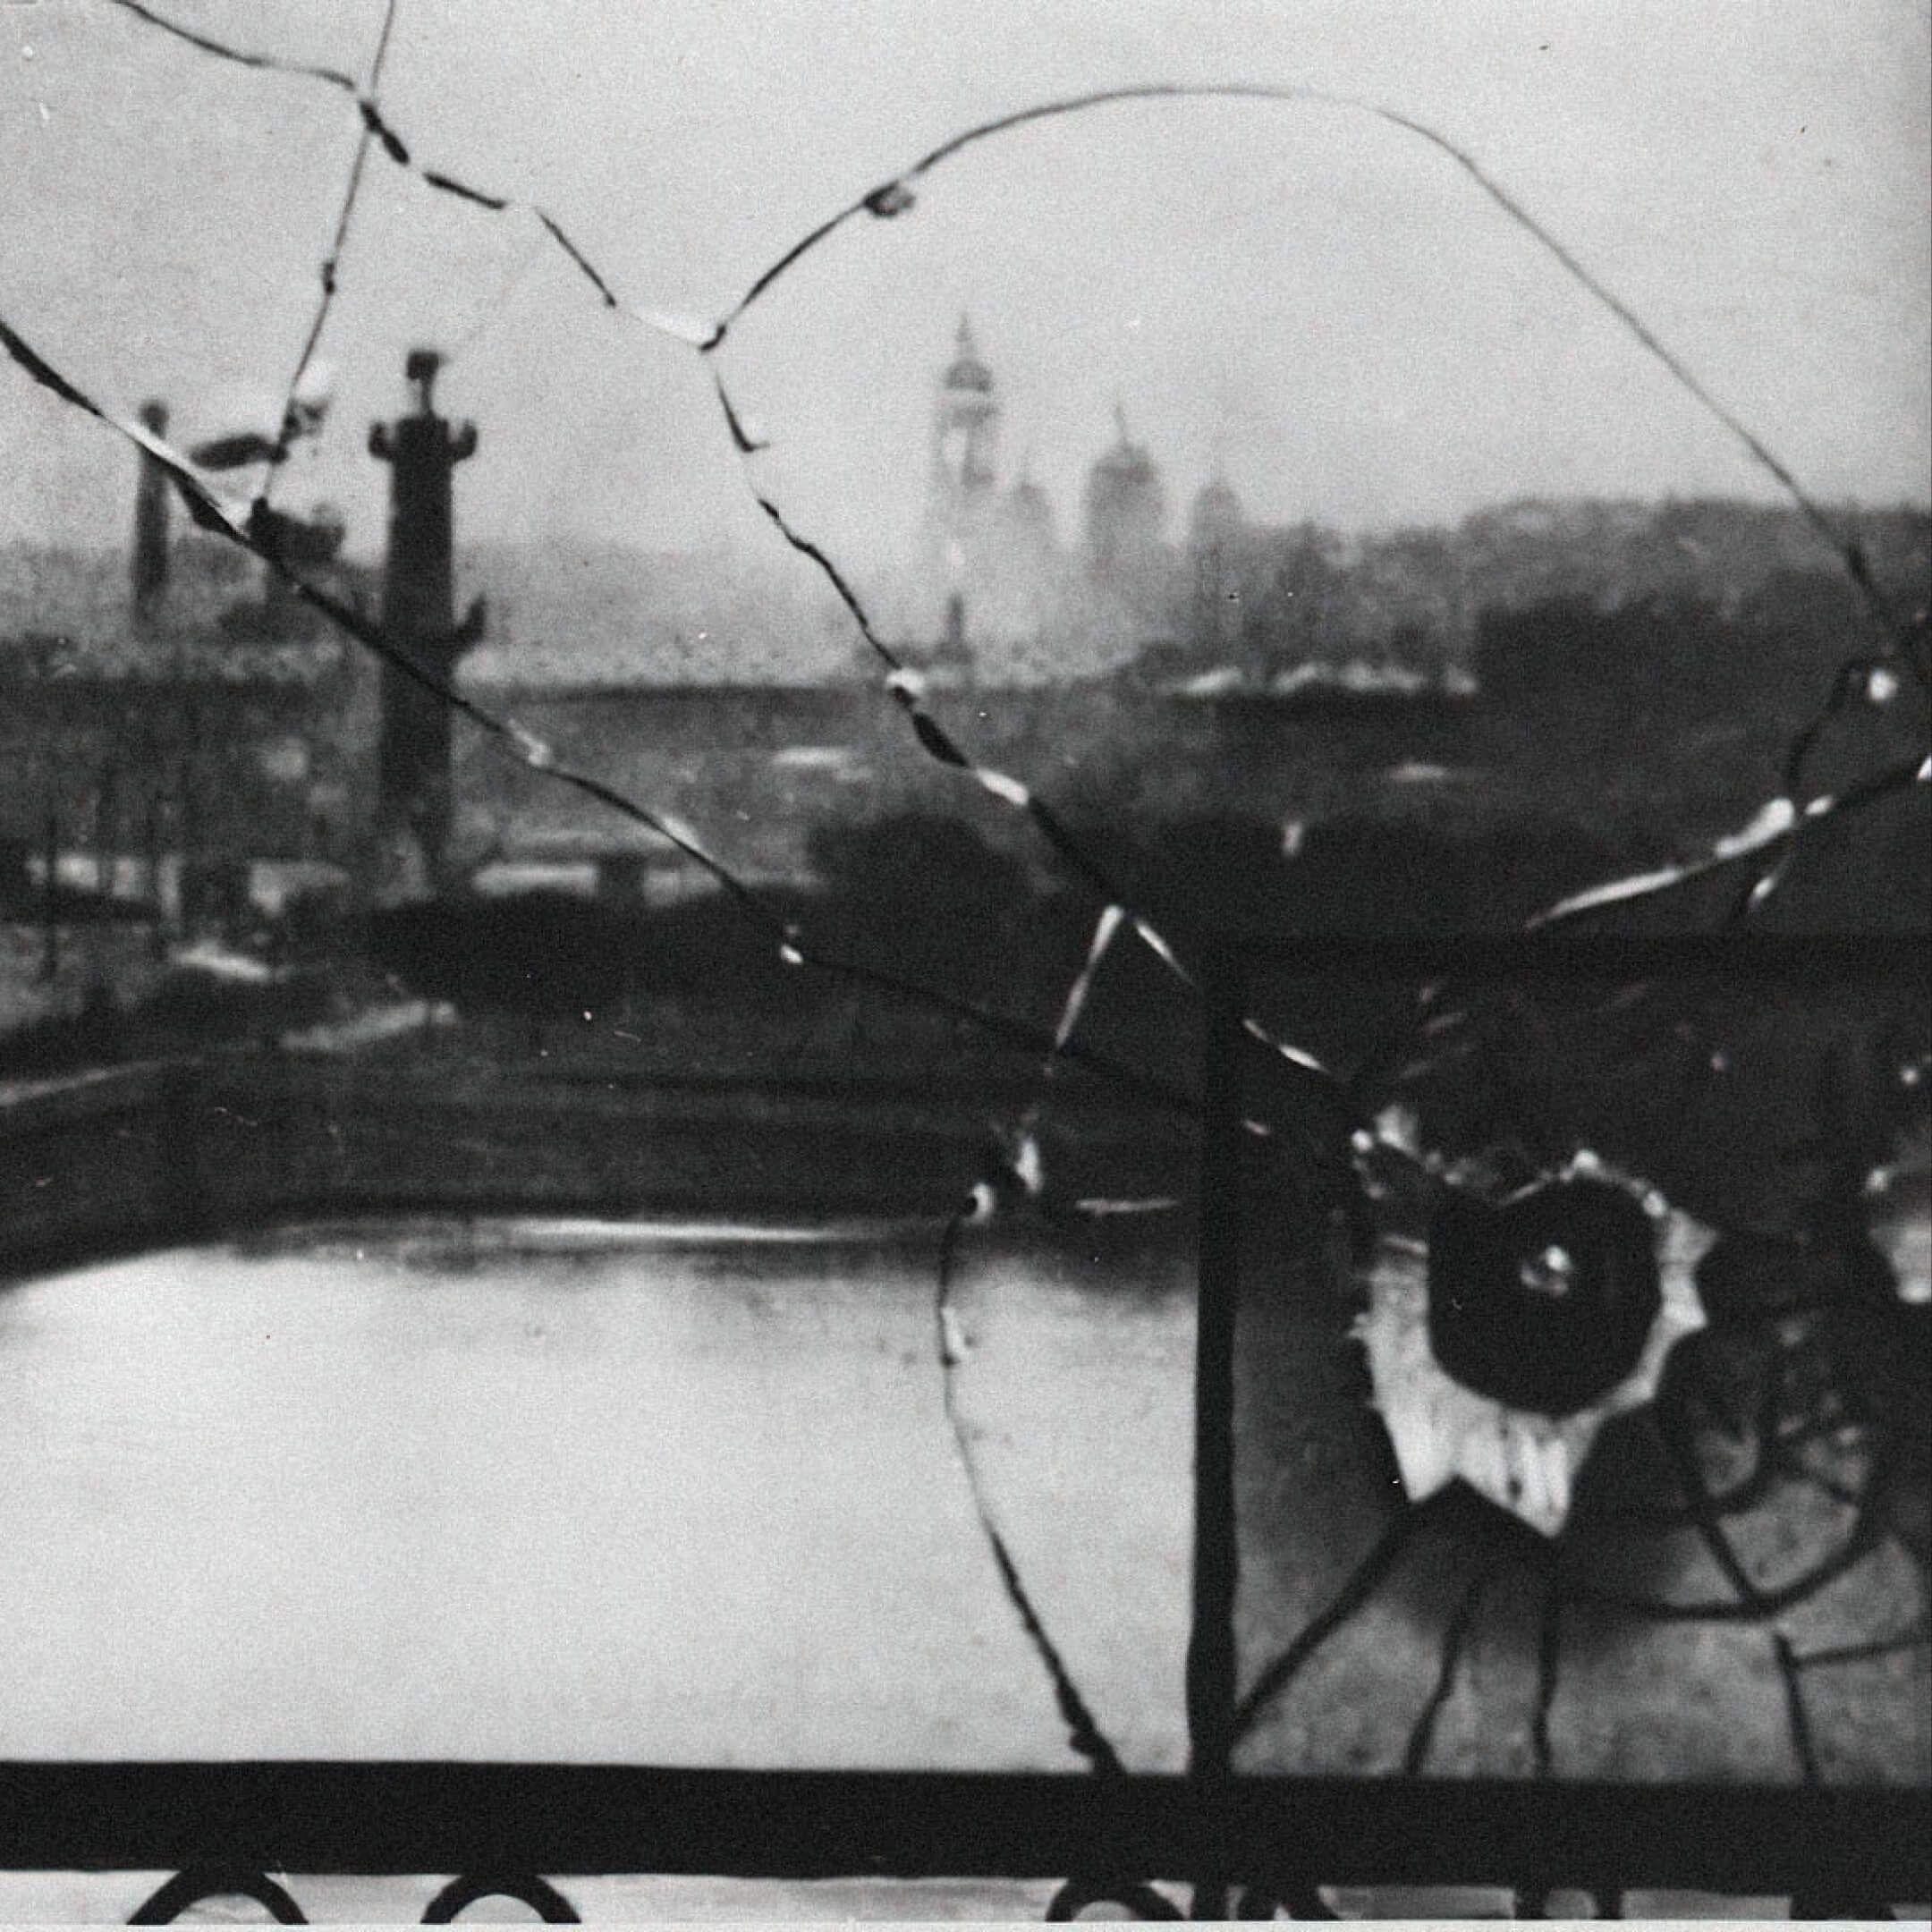 След отпули вокне Зимнего дворца, Санкт-Петербург, октябрь 1917. Фото: неизвестный автор, russiainphoto.ru